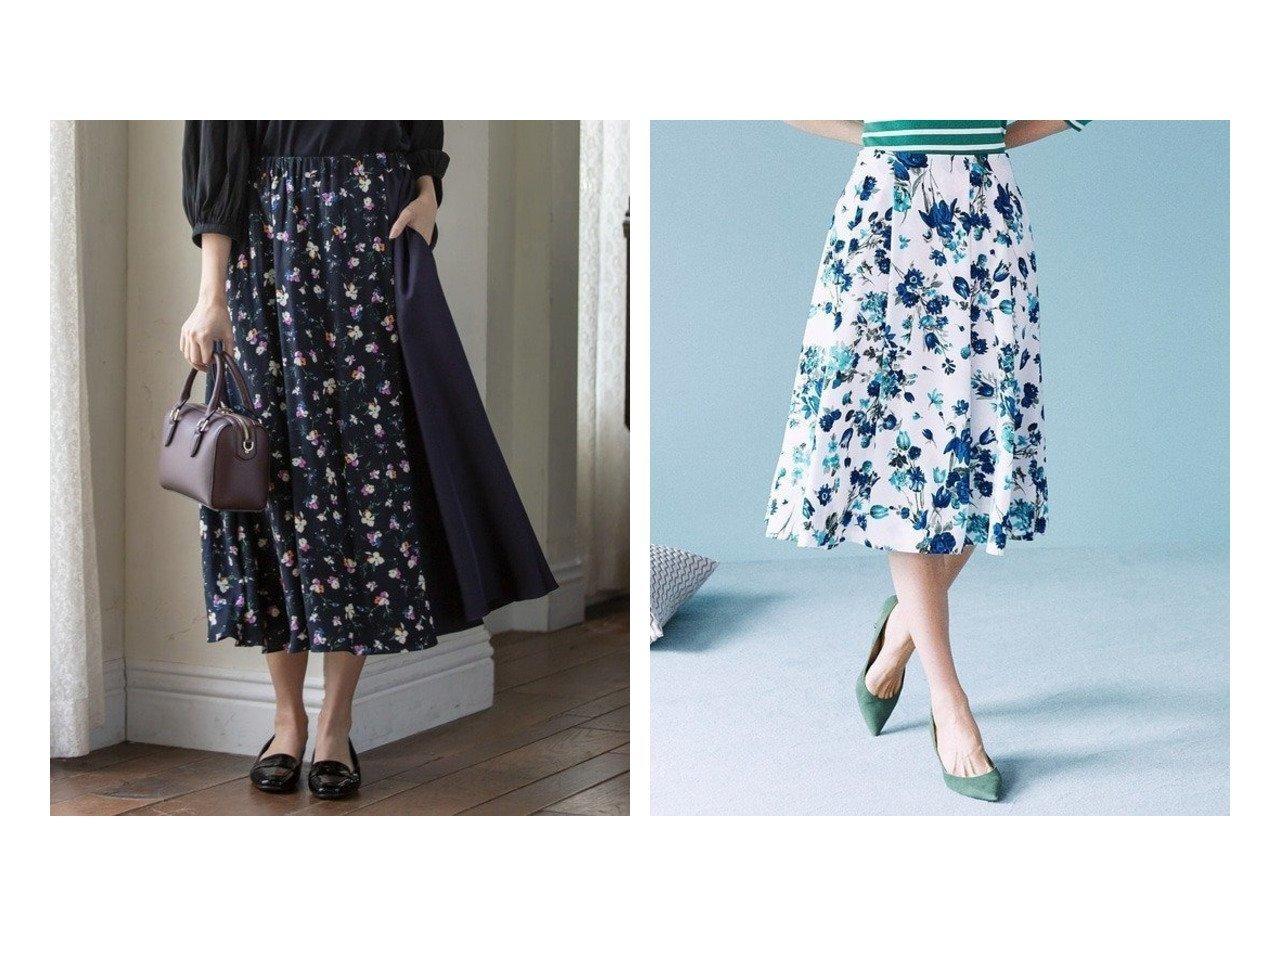 【KUMIKYOKU/組曲】の【洗える】マルチフラワープリント ギャザースカート&【Rythme KUMIKYOKU】フラワープリント フレアスカート スカートのおすすめ!人気、トレンド・レディースファッションの通販  おすすめで人気の流行・トレンド、ファッションの通販商品 メンズファッション・キッズファッション・インテリア・家具・レディースファッション・服の通販 founy(ファニー) https://founy.com/ ファッション Fashion レディースファッション WOMEN スカート Skirt Aライン/フレアスカート Flared A-Line Skirts 送料無料 Free Shipping 2020年 2020 2020-2021 秋冬 A/W AW Autumn/Winter / FW Fall-Winter 2020-2021 A/W 秋冬 AW Autumn/Winter / FW Fall-Winter ギャザー ツイル ドッキング フラワー 洗える 無地 秋 コレクション サマー ショート シンプル ハイネック バランス パターン フレア フレアースカート プリント 半袖 モチーフ |ID:crp329100000009747